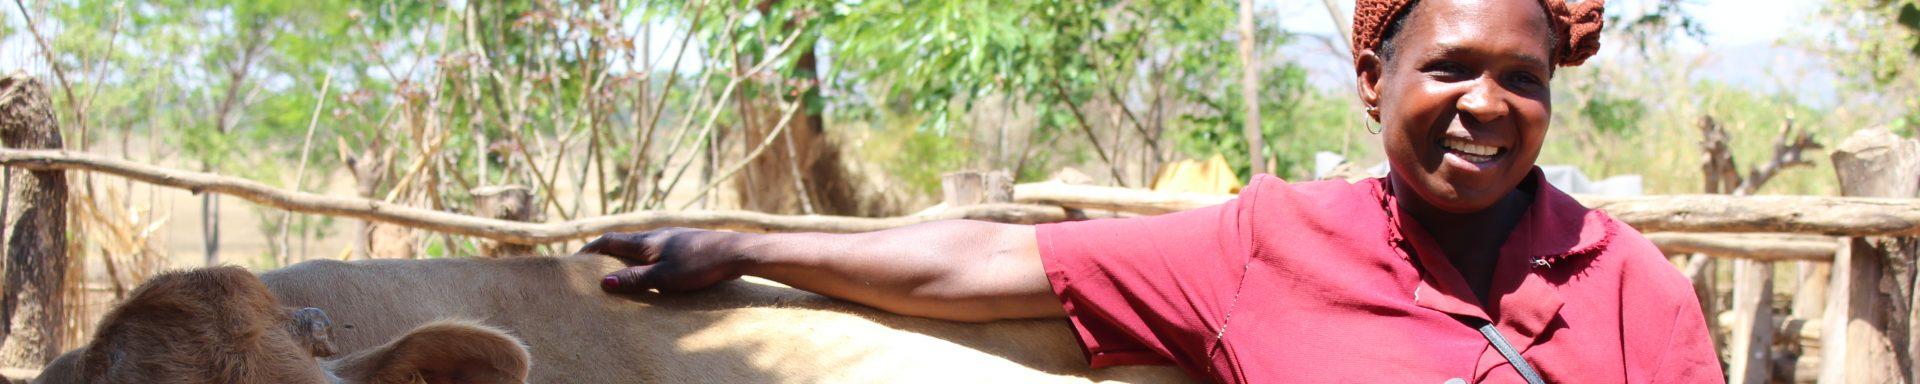 Een vrouw in Malawi poseert lachend met een koe.